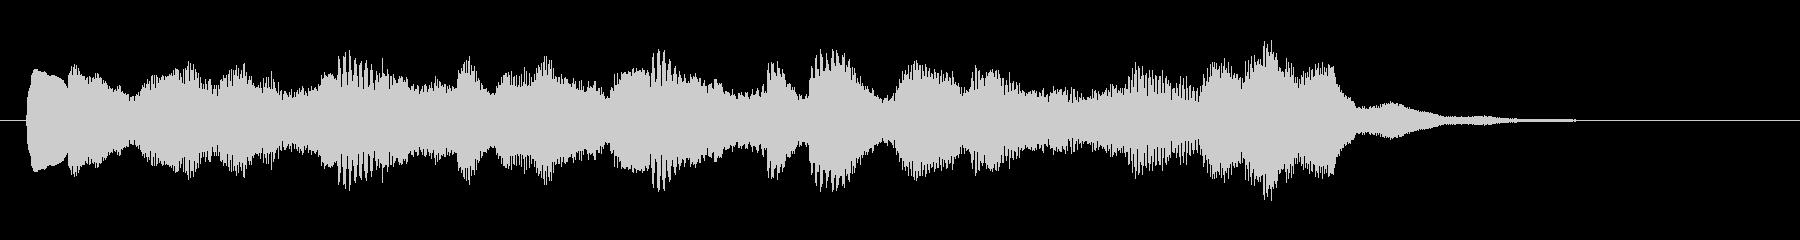 サウンドロゴやゲームに使えるベルの音の未再生の波形